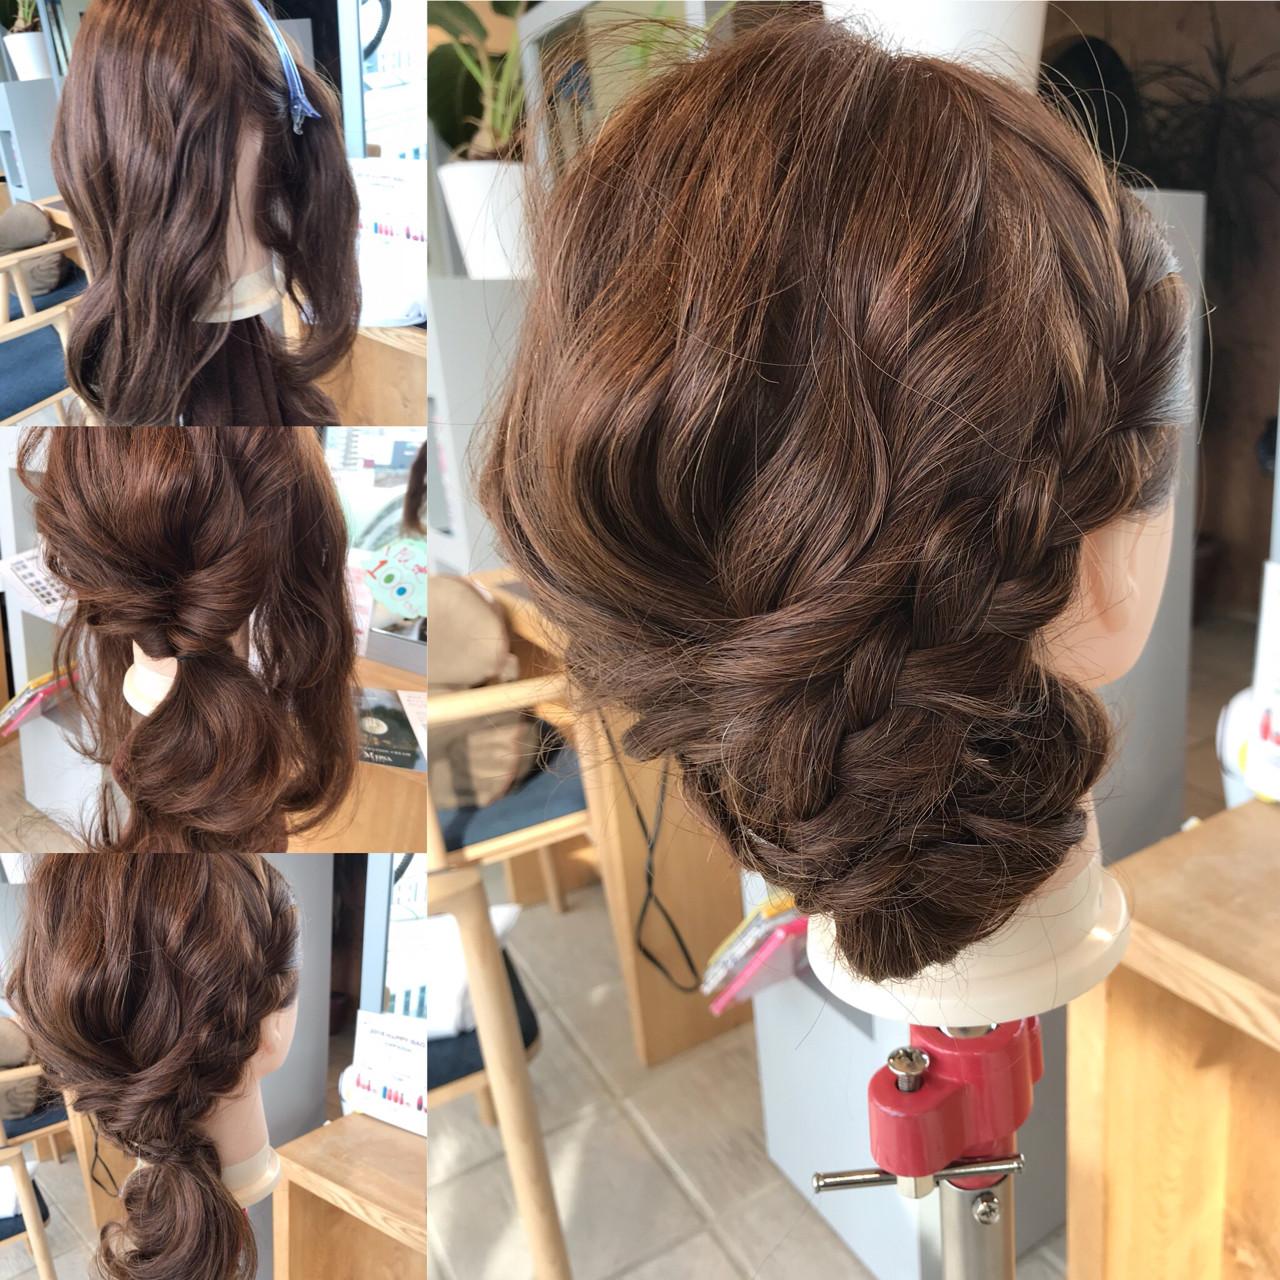 ショート 簡単ヘアアレンジ ナチュラル ロング ヘアスタイルや髪型の写真・画像 | YASU / hair salon M.plus ヨツバコ店 (ヘアーサロン エムプラス)